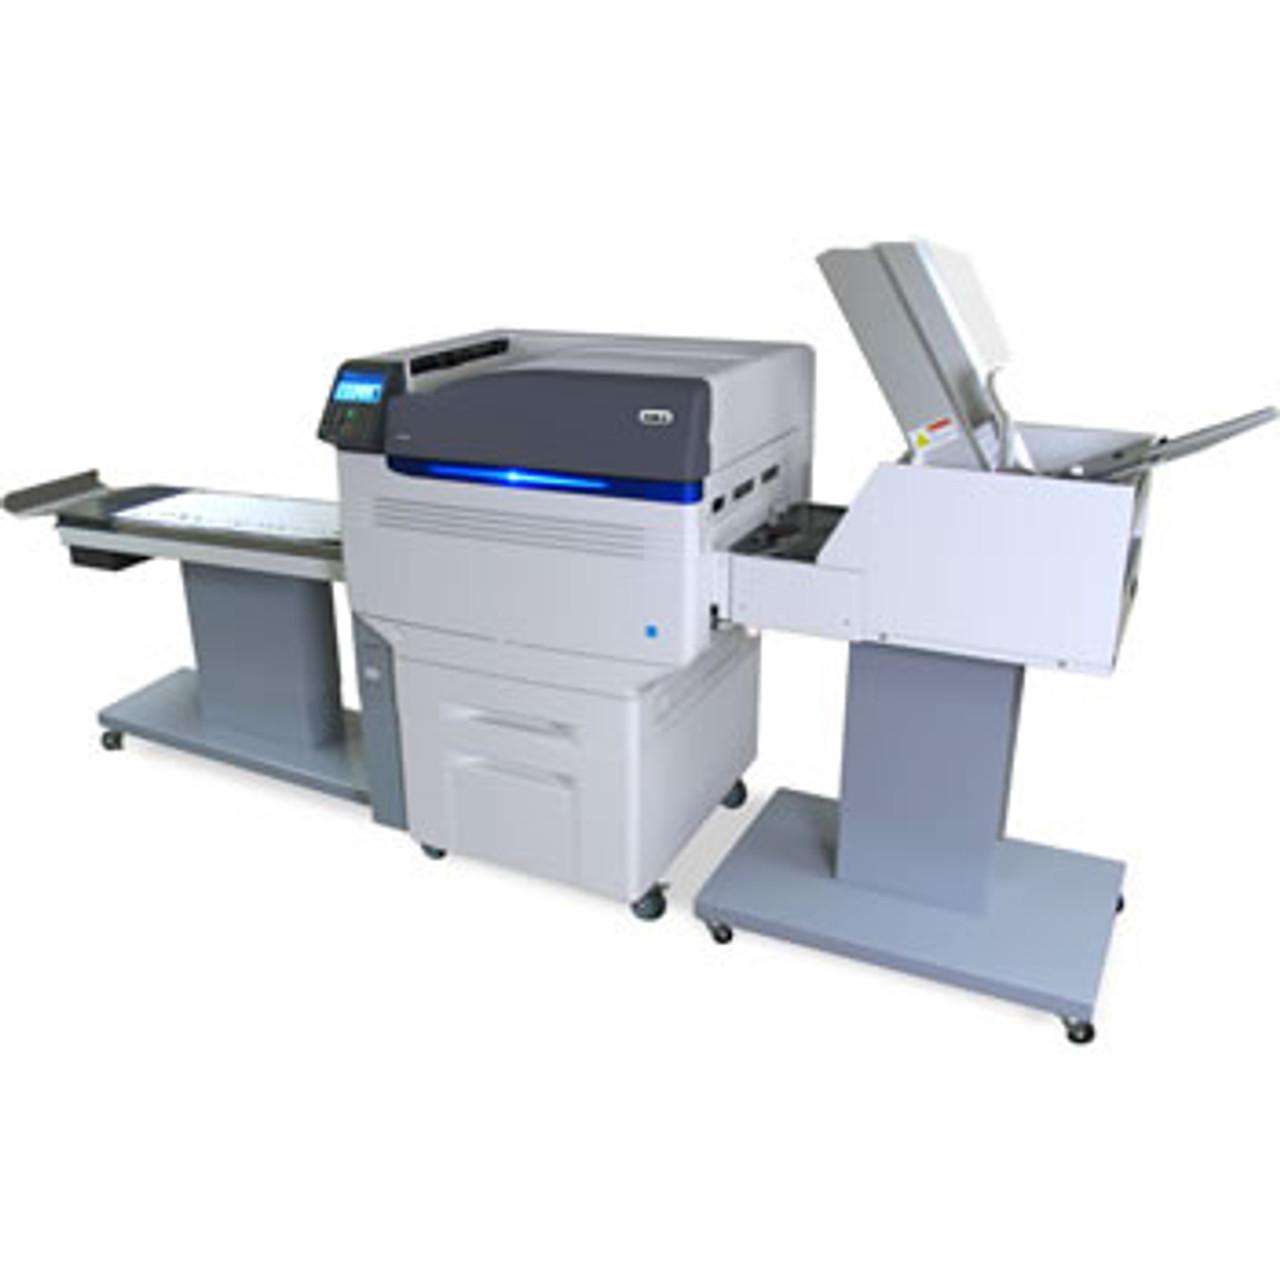 OKI C941DP+ Envelope Press